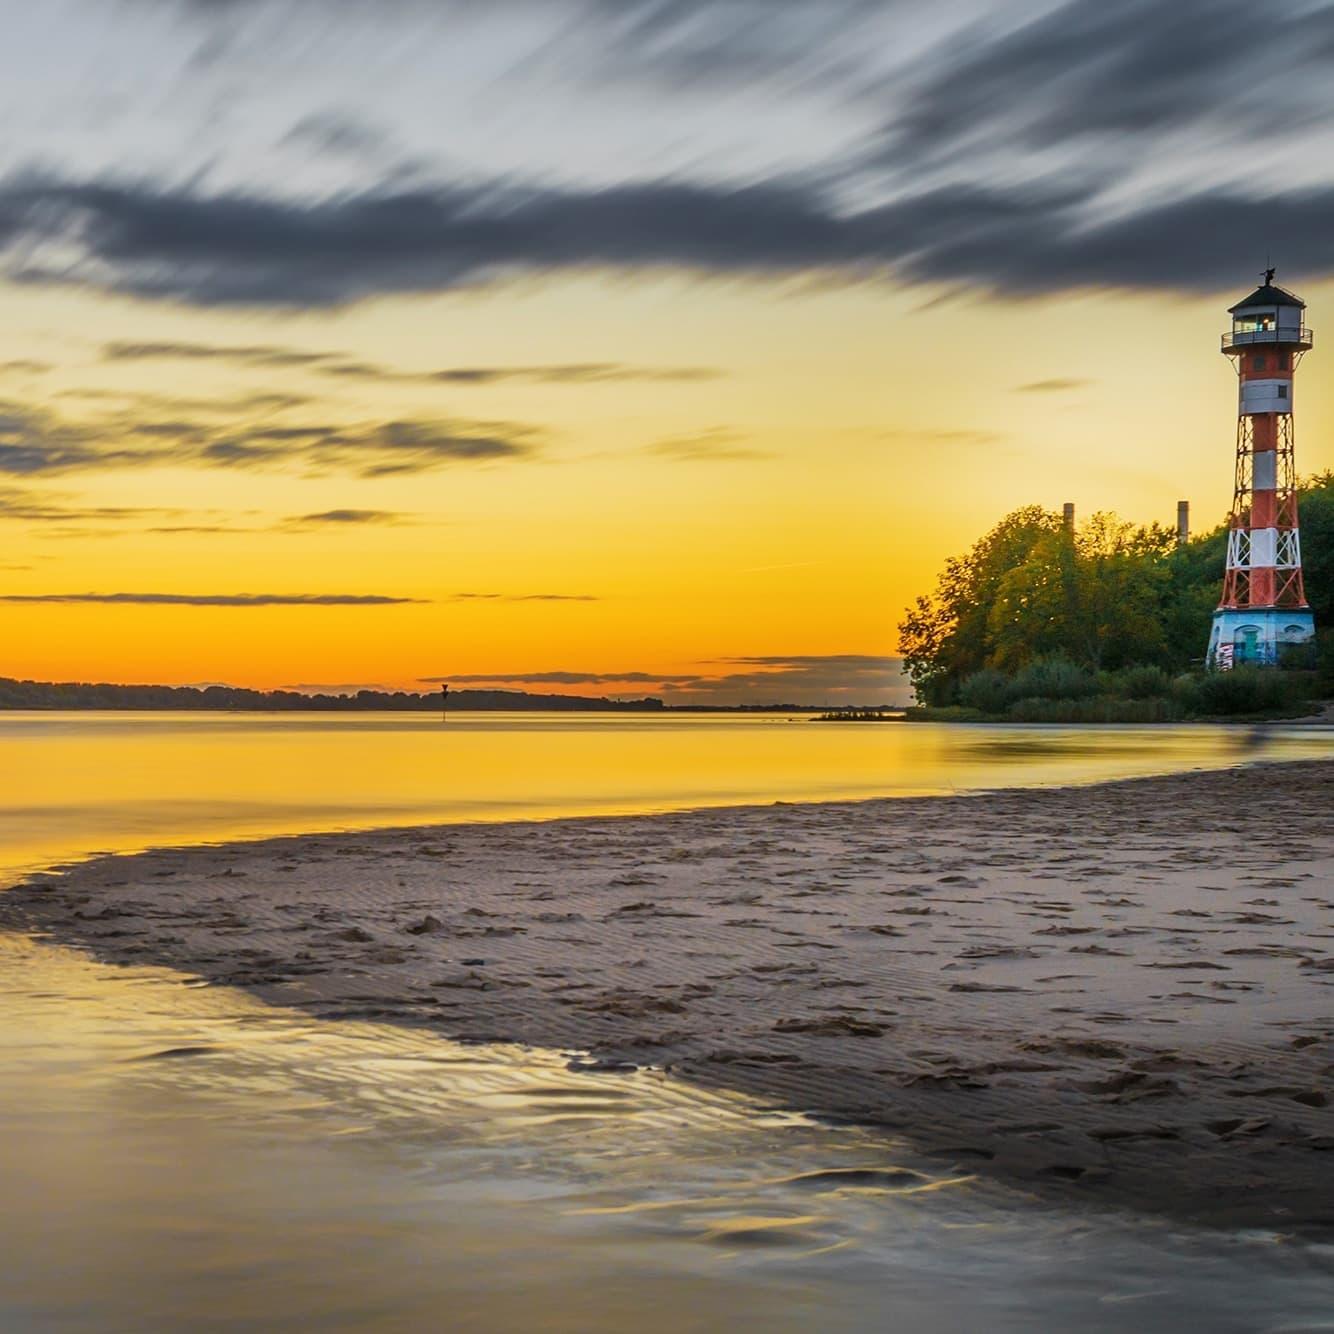 Hamburg-Bild-An-der-Elbe-Elbstrand-Sonnenuntergang-Wittenbergen-Kategoriebild